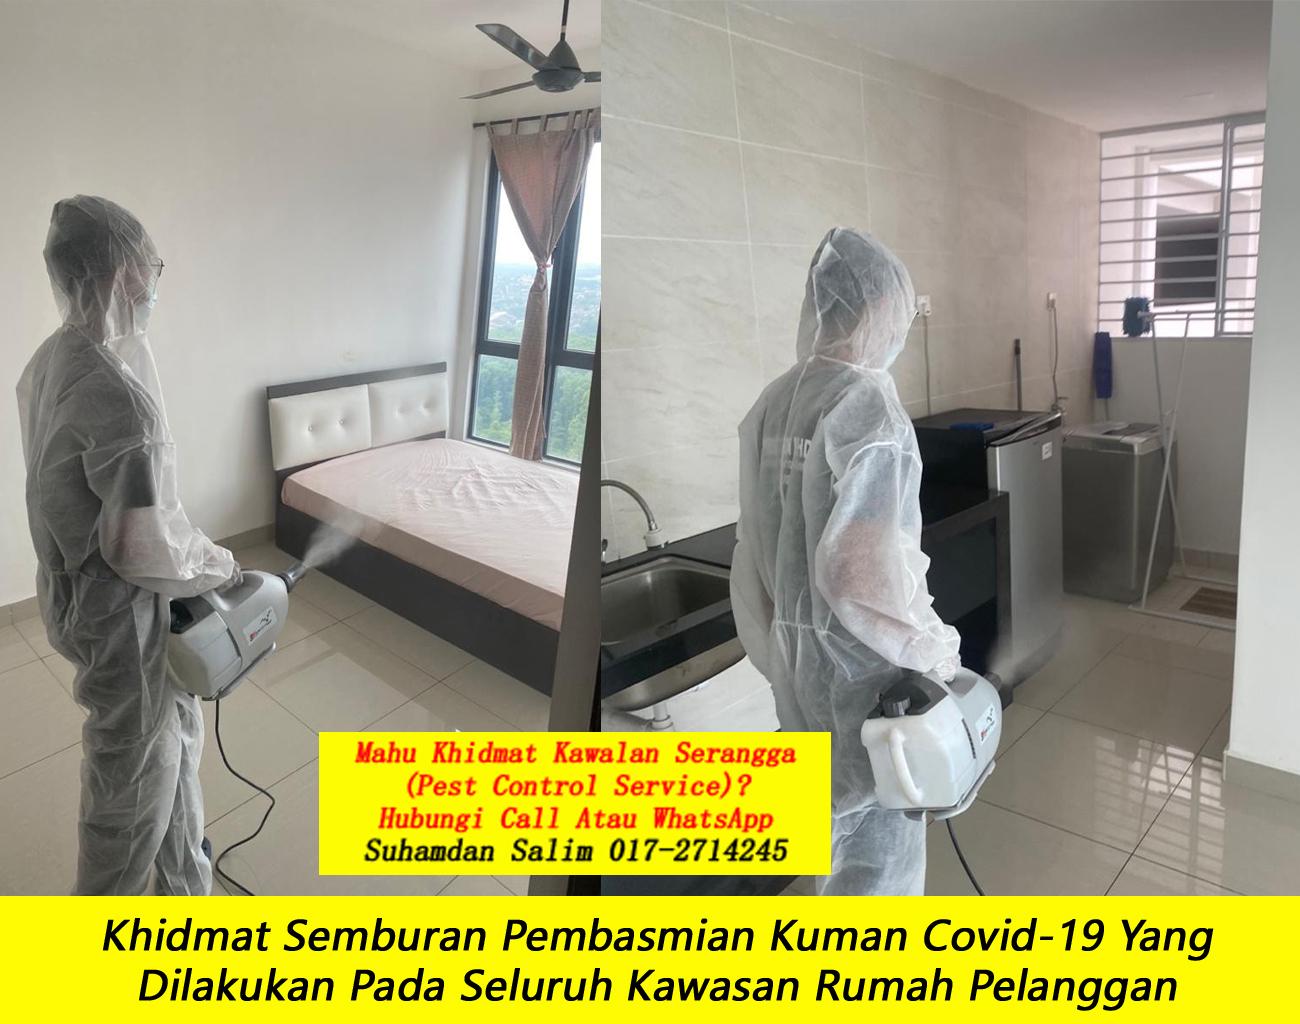 khidmat sanitizing membasmi kuman Covid-19 Disinfection Service semburan membasmi kuman covid 19 paling berkesan dengan harga berpatutan the best service covid-19 kulai felda